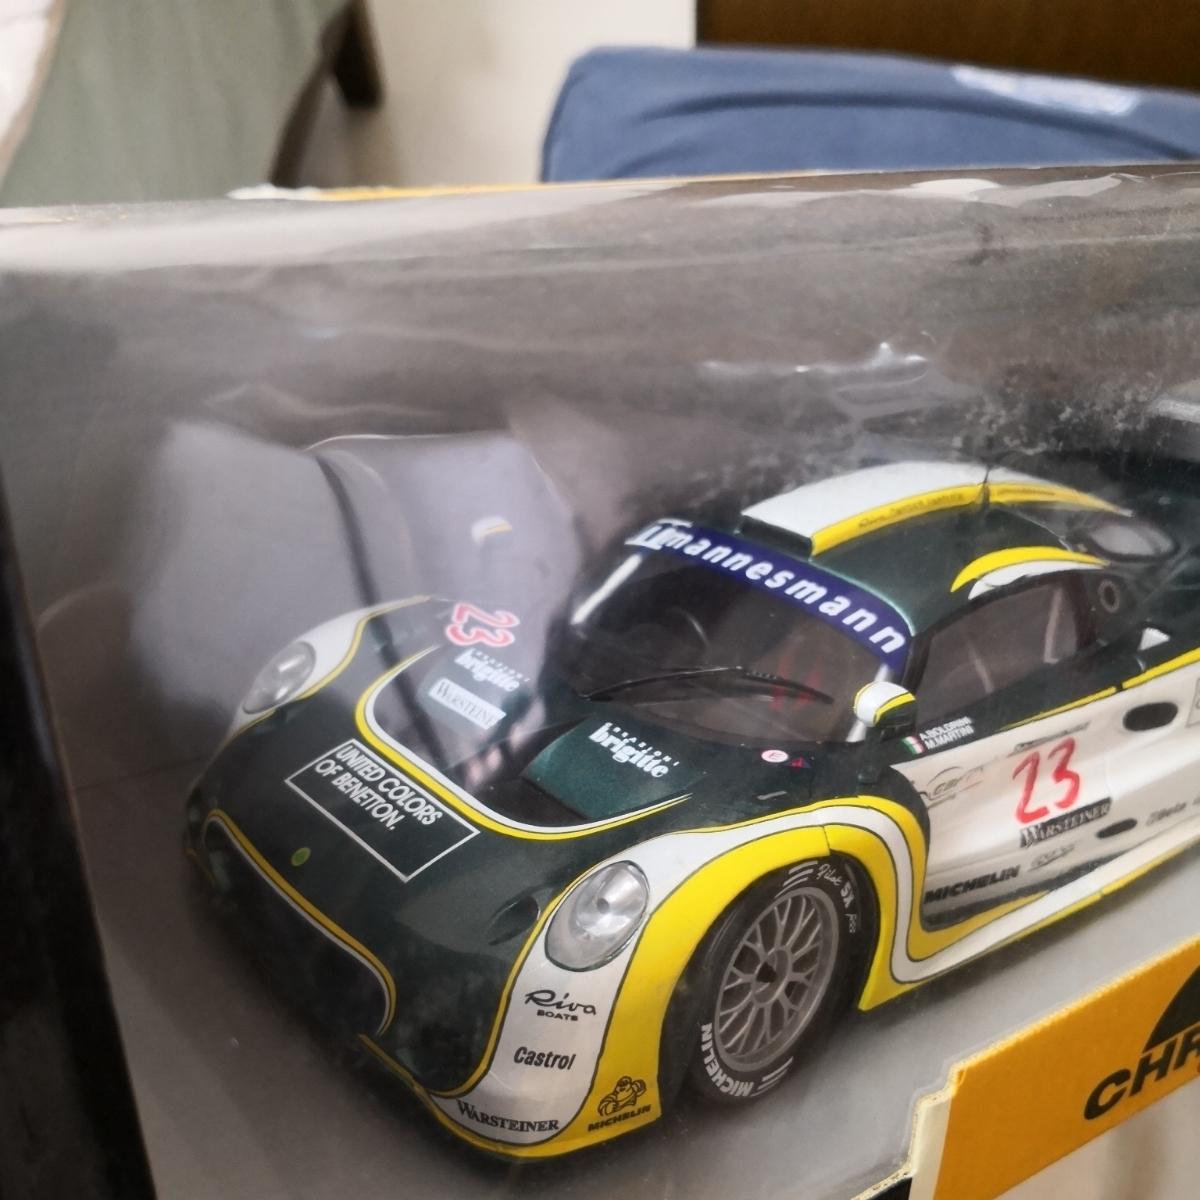 超レアー 1/18ルマンシリーズ3台ミニチュアレーシングカー_画像4